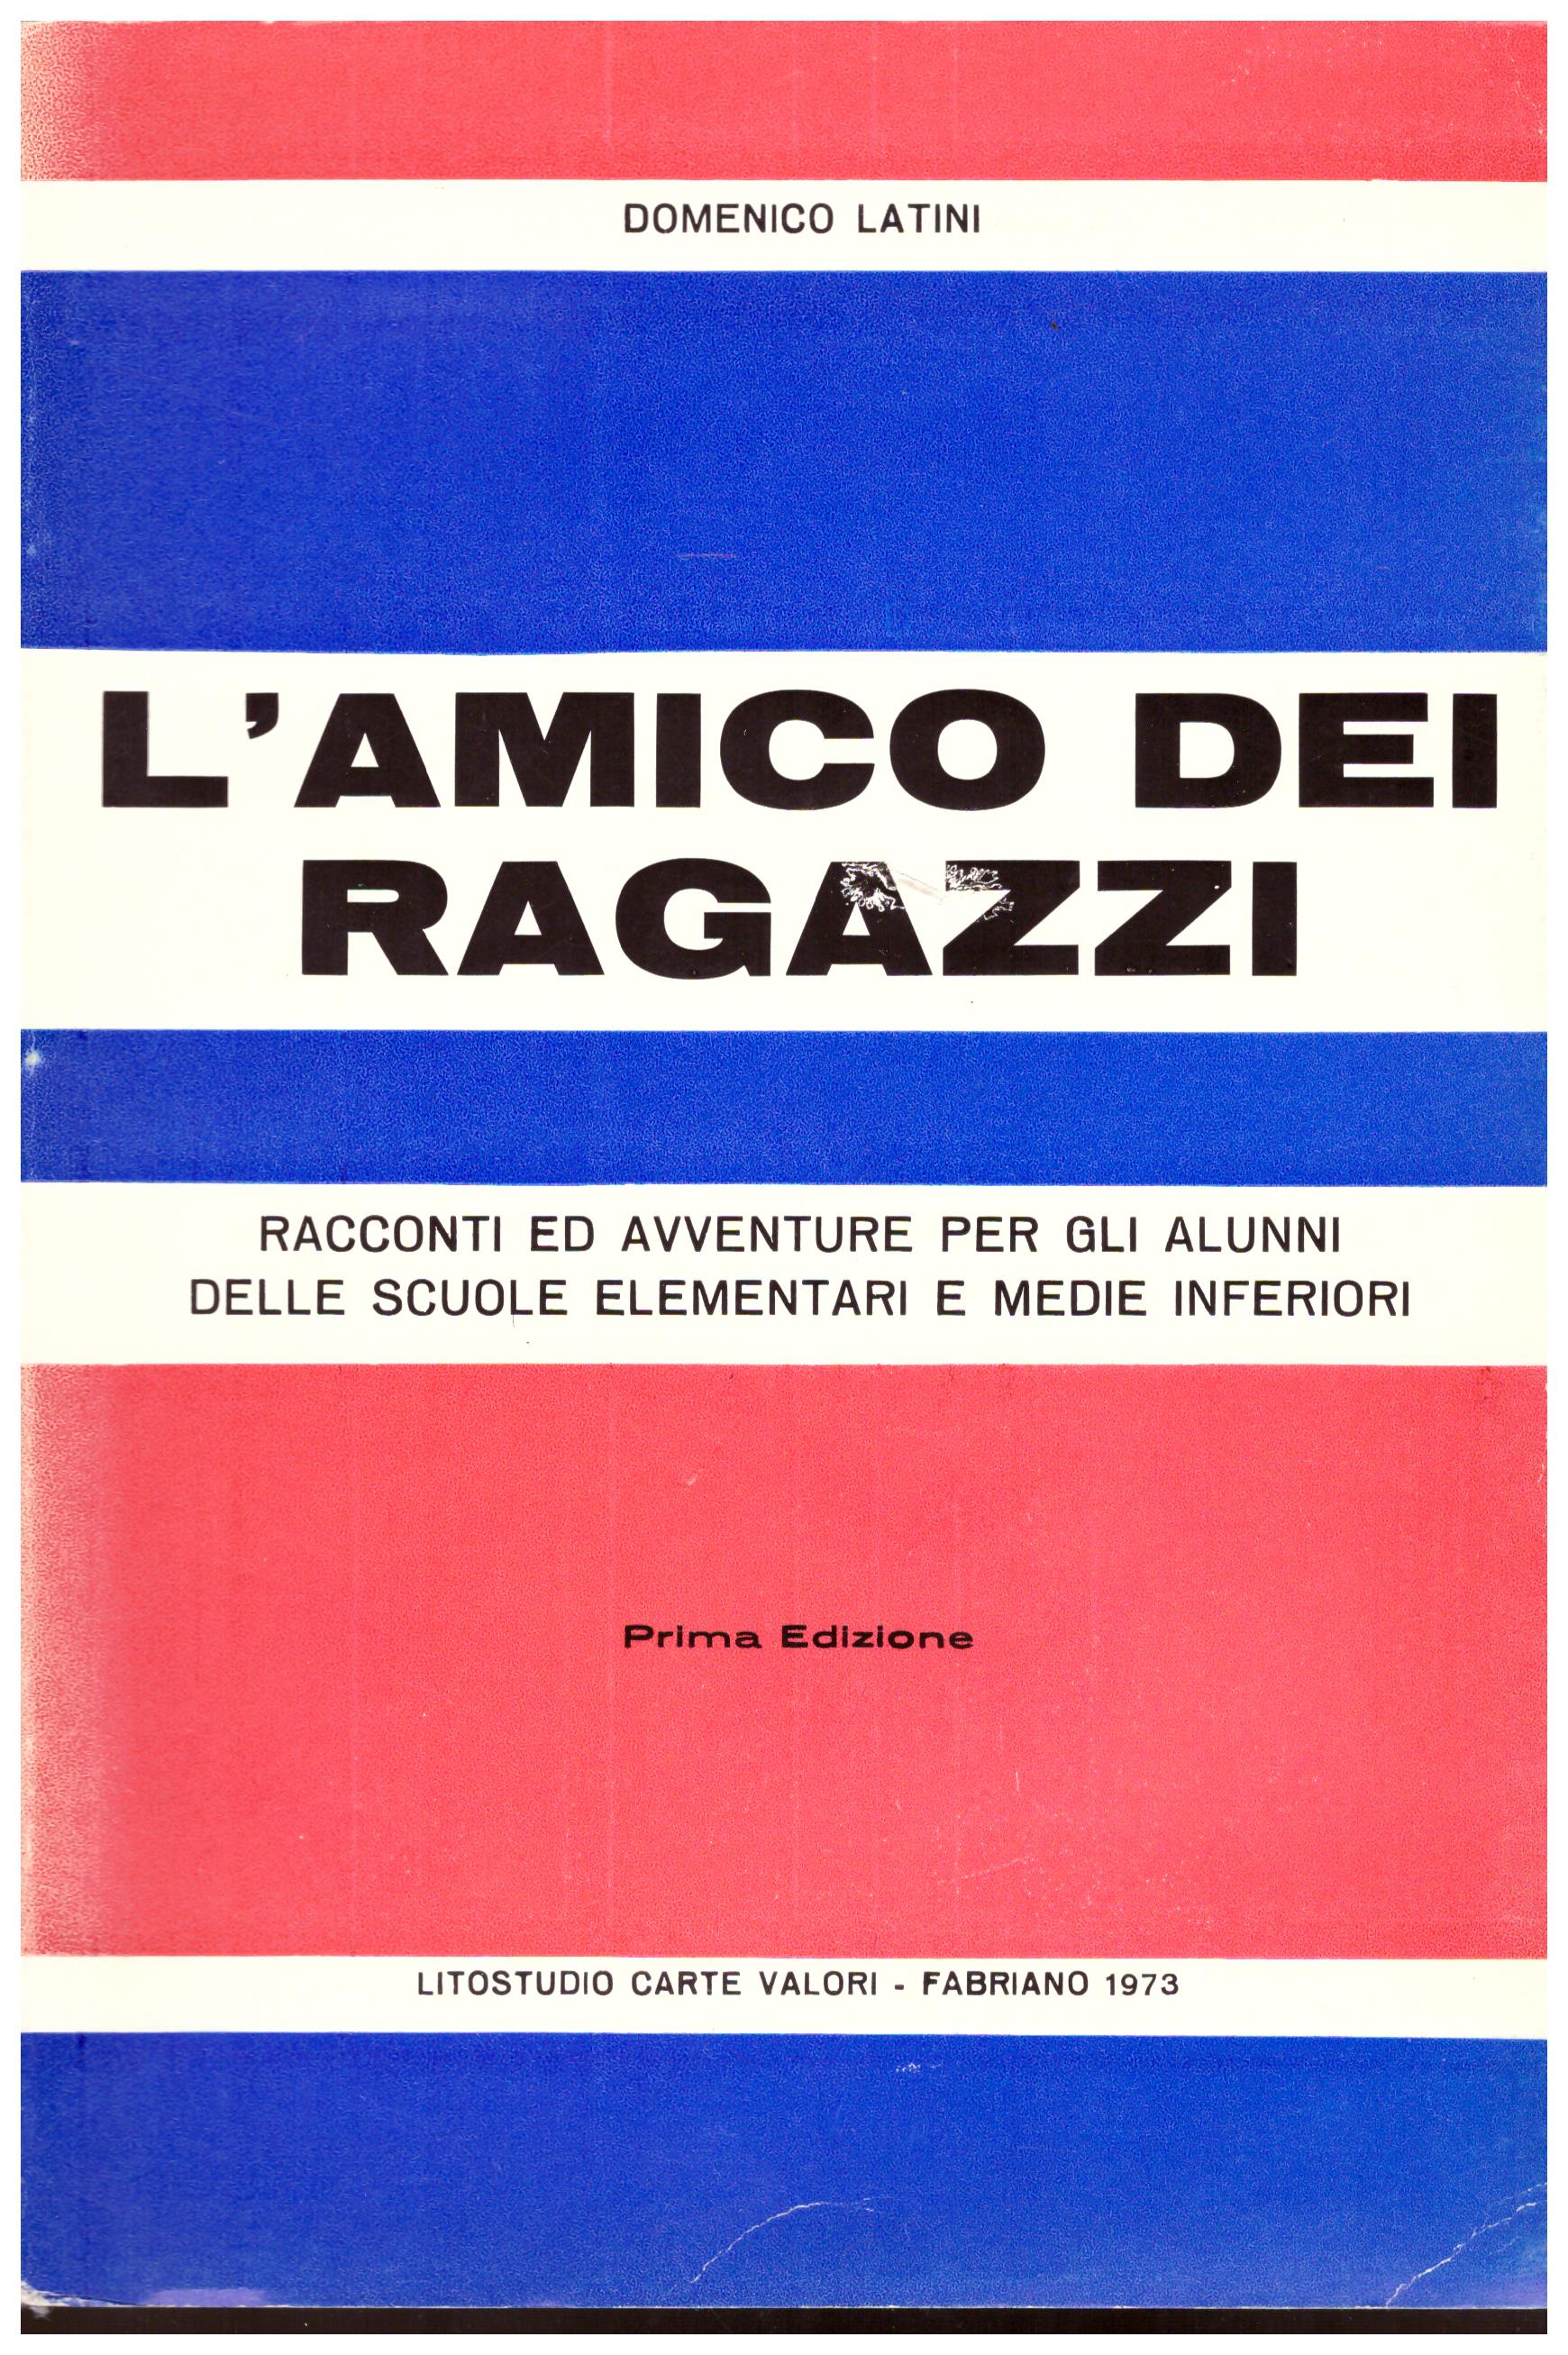 Titolo: L'amico dei ragazzi Autore : Domenico Latini Editore: litostudio carte valori Fabriano 1973